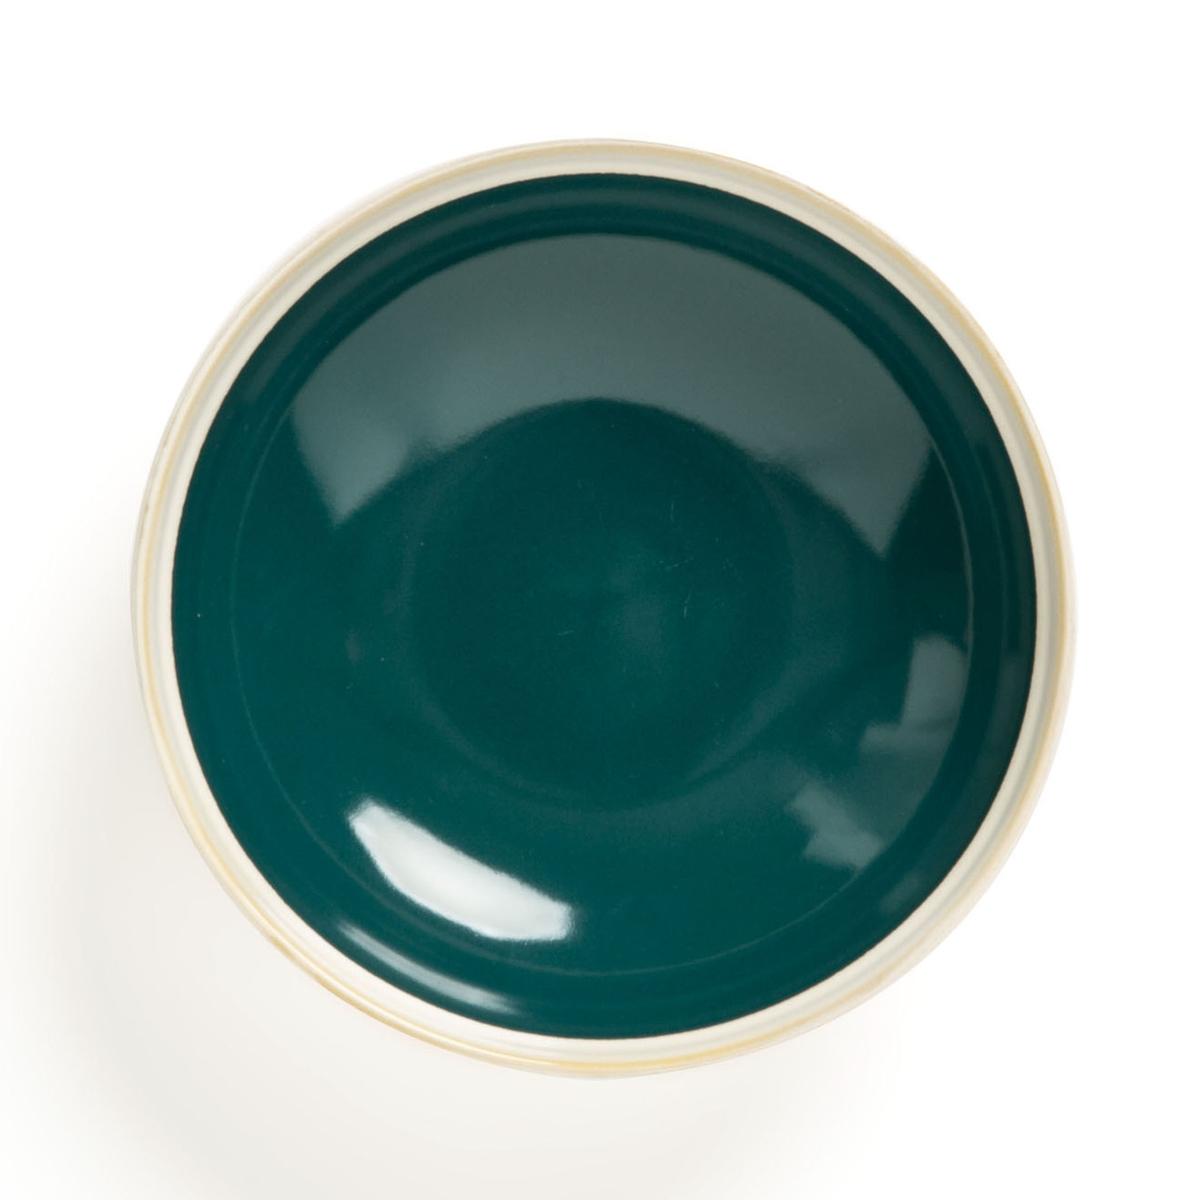 Комплект из глубоких тарелок La Redoute Из керамики DEONIE единый размер зеленый чашки la redoute из керамики shima единый размер зеленый